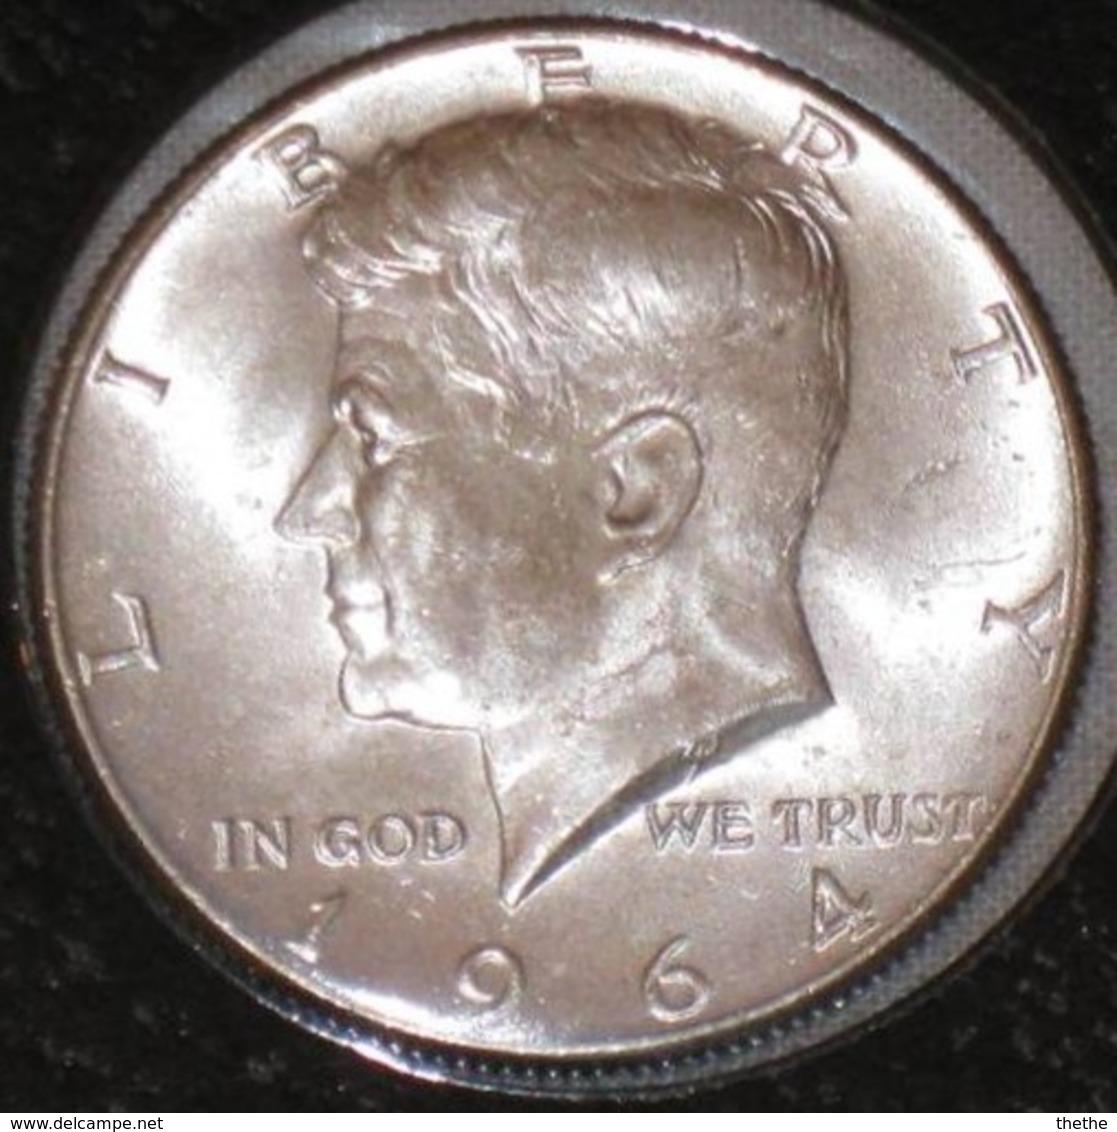 1/2 DOLLAR - JOHN F. KENNEDY - Federal Issues